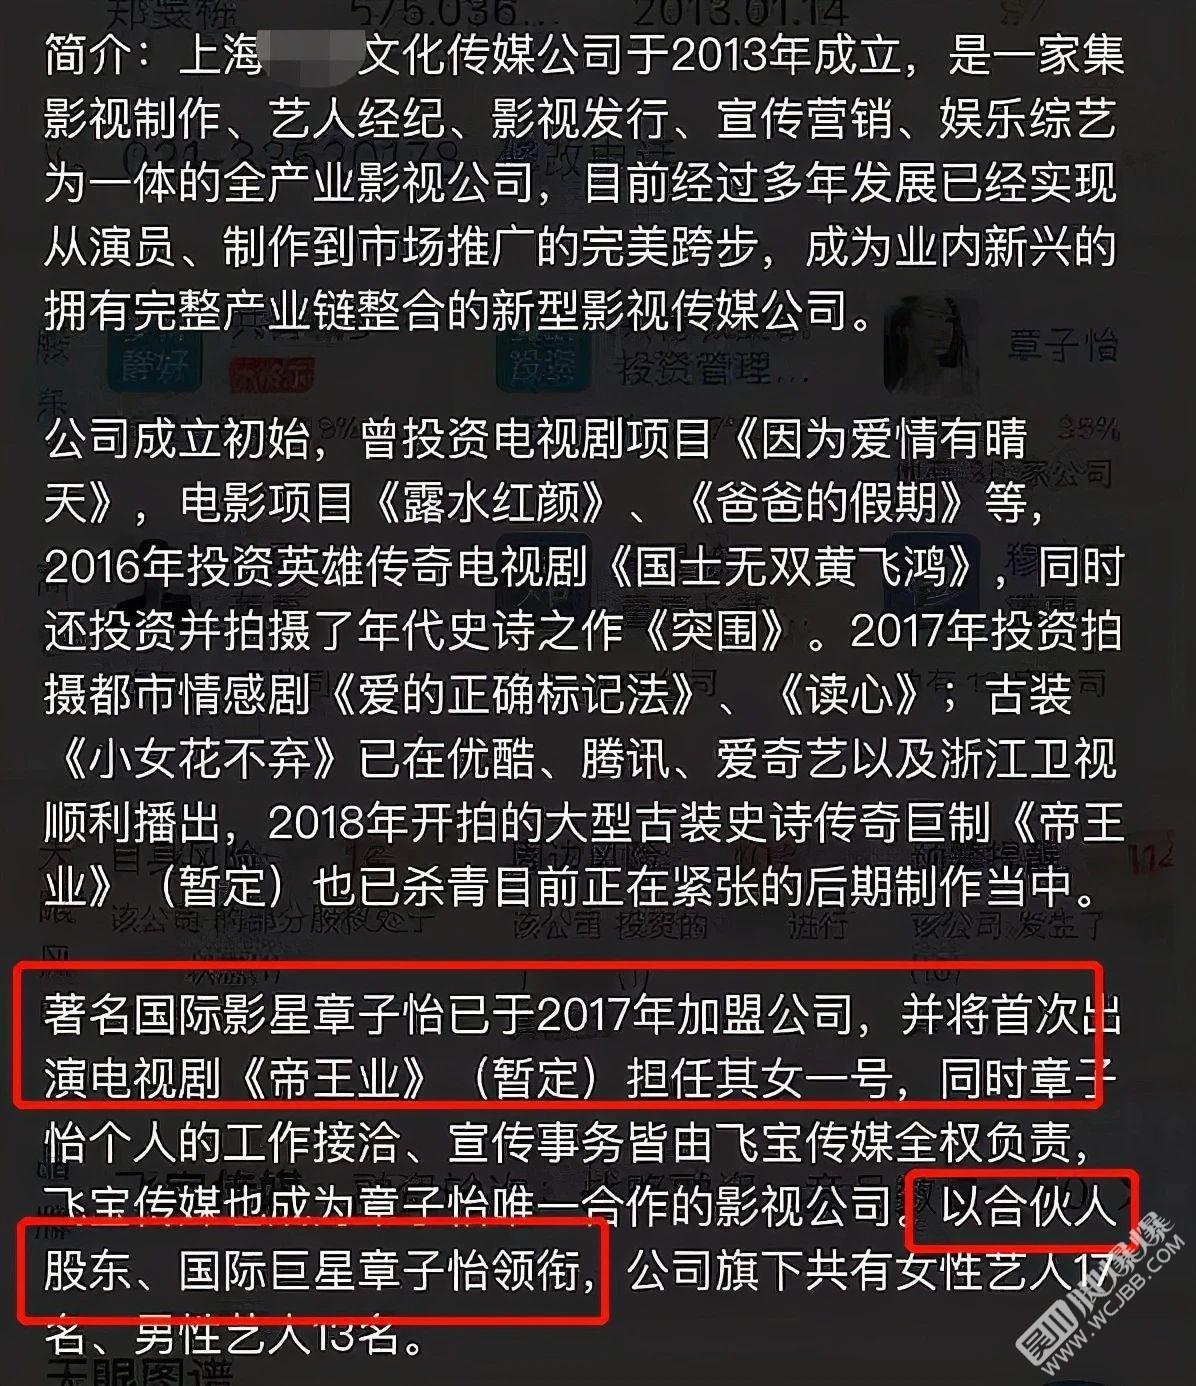 爭議!章子怡回應41歲演少女!甩鍋片方怒訴自己被消費,網友罵聲一片